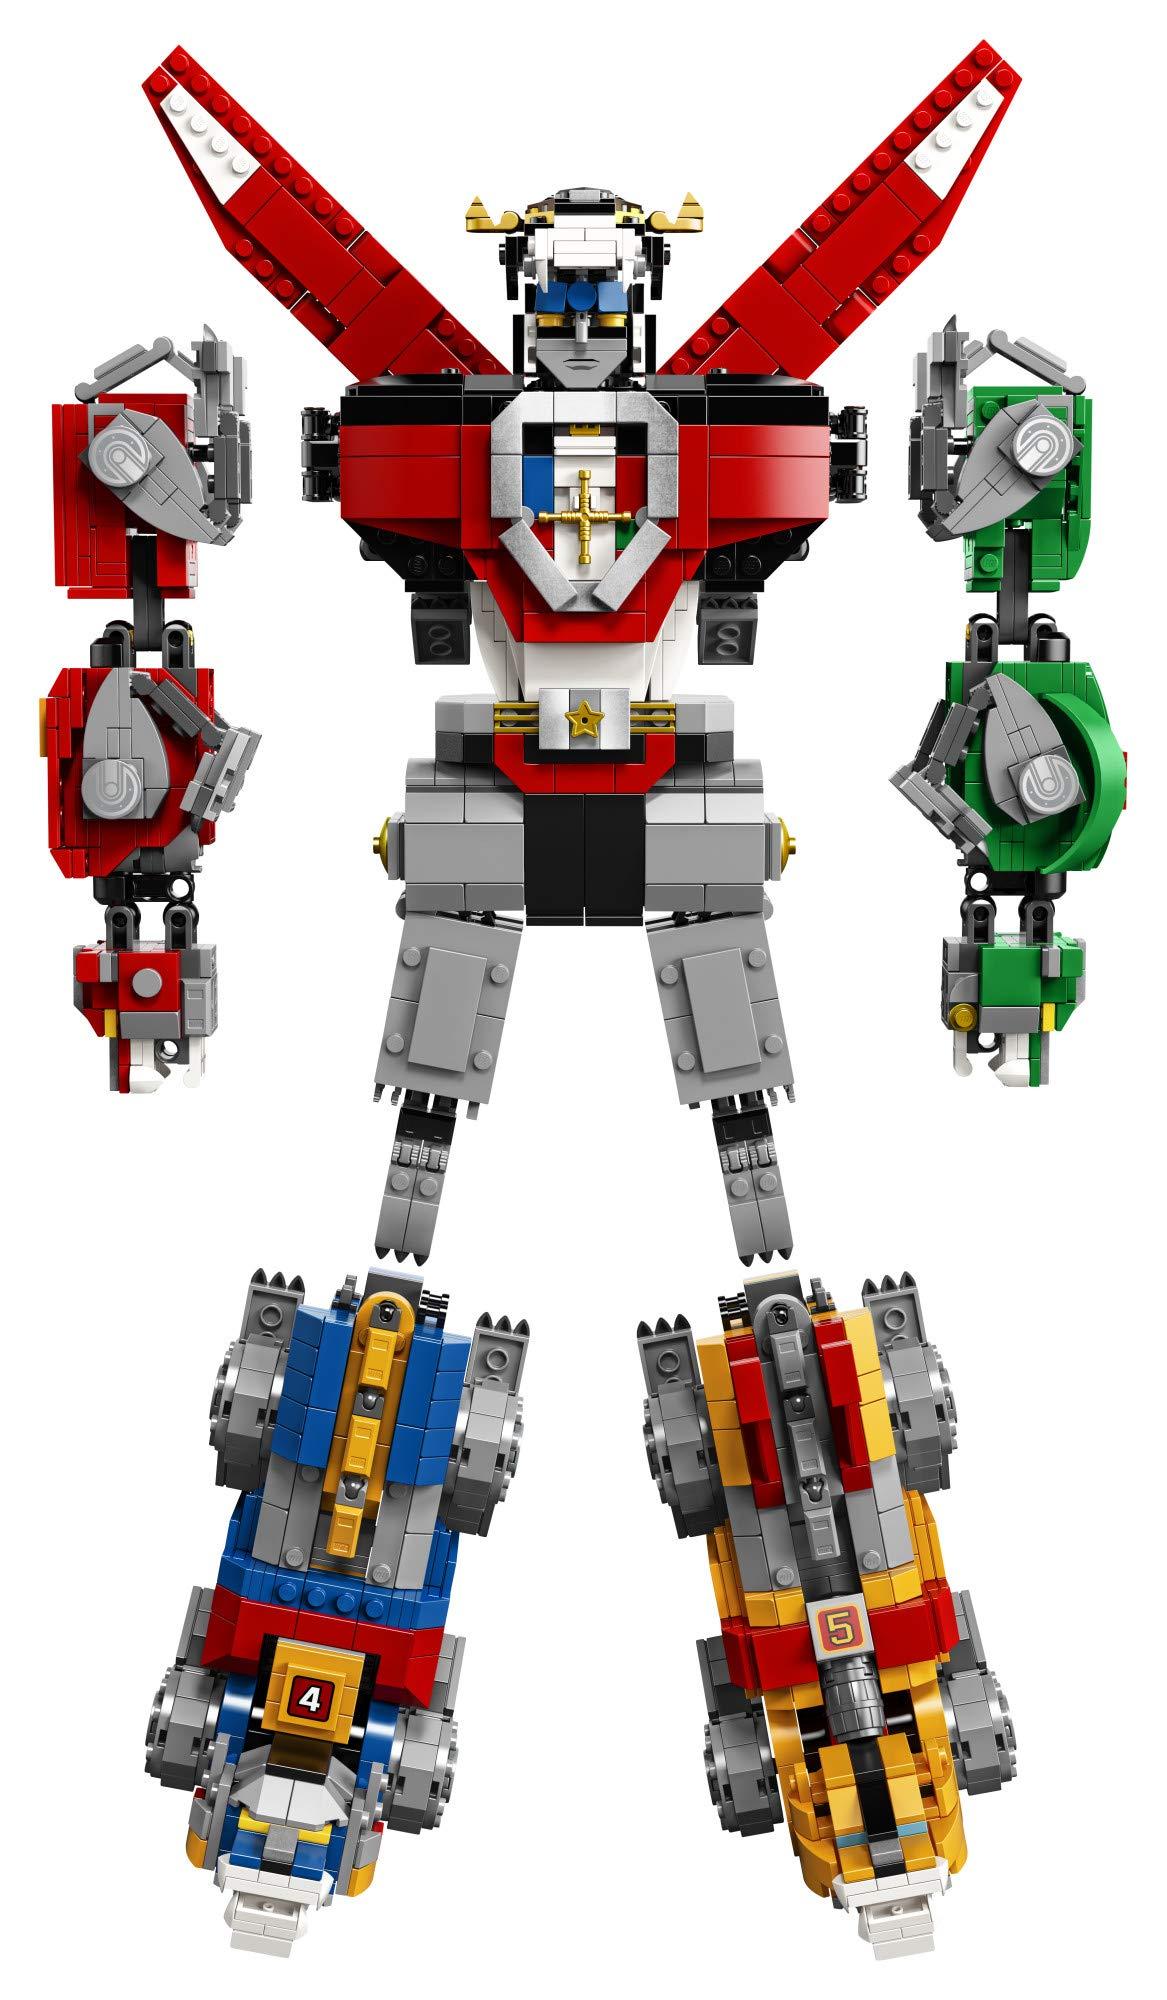 Ideas Pieces Building Lego Voltron 21311 Kit2321 3RLcjq54A